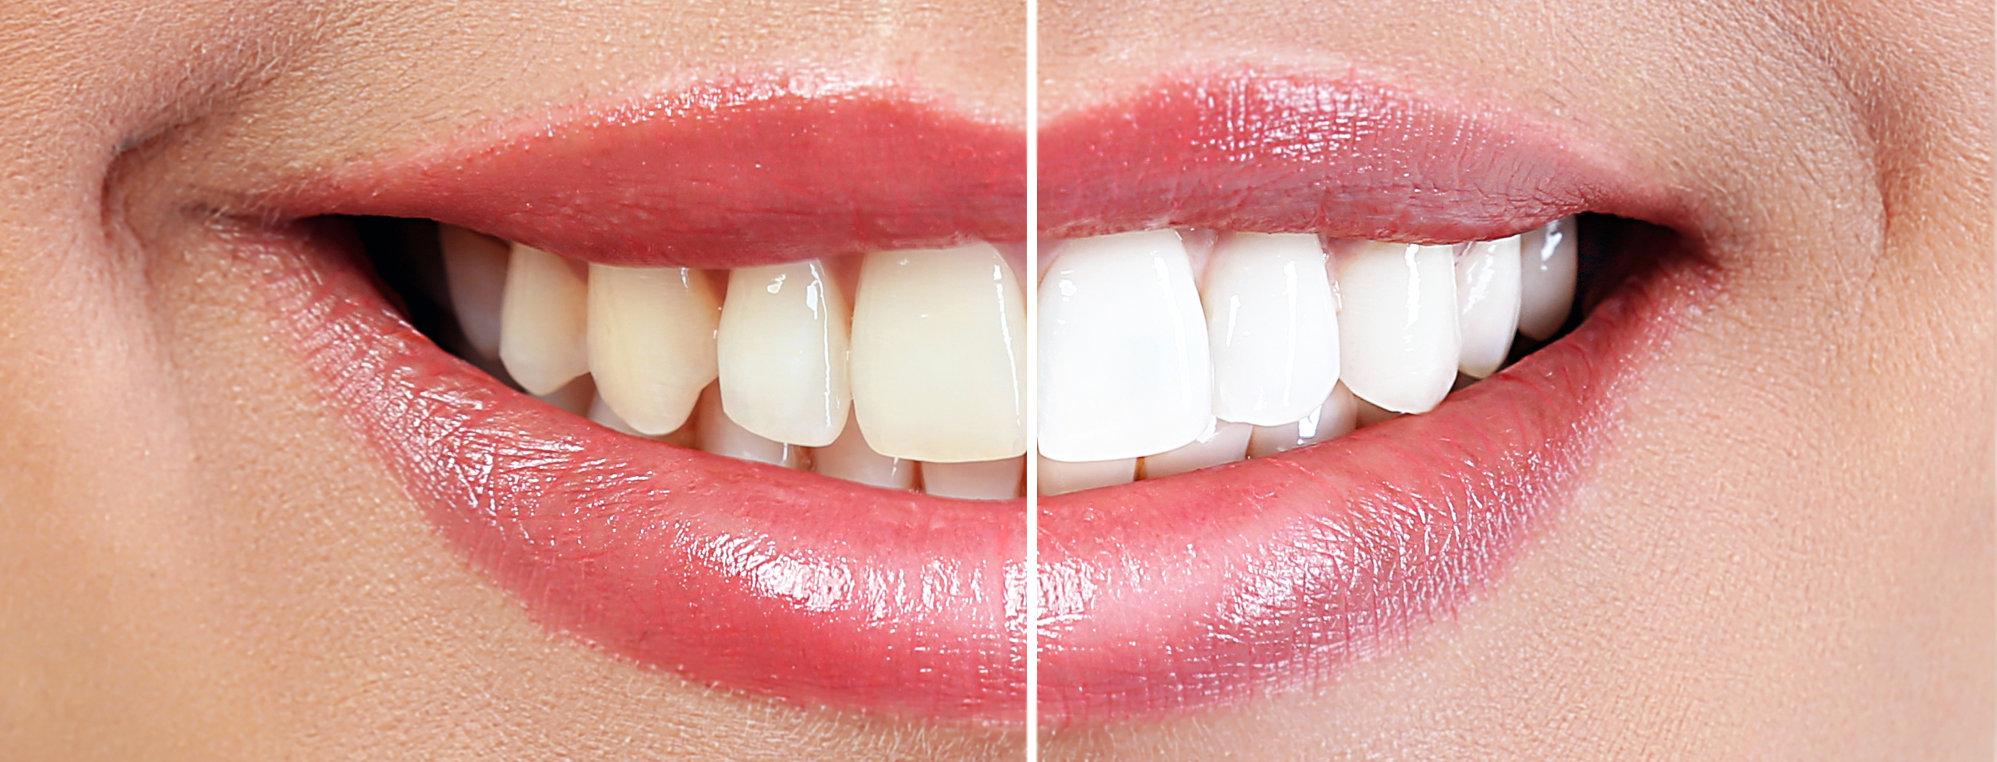 Izbjeljivanje zuba prije - poslije